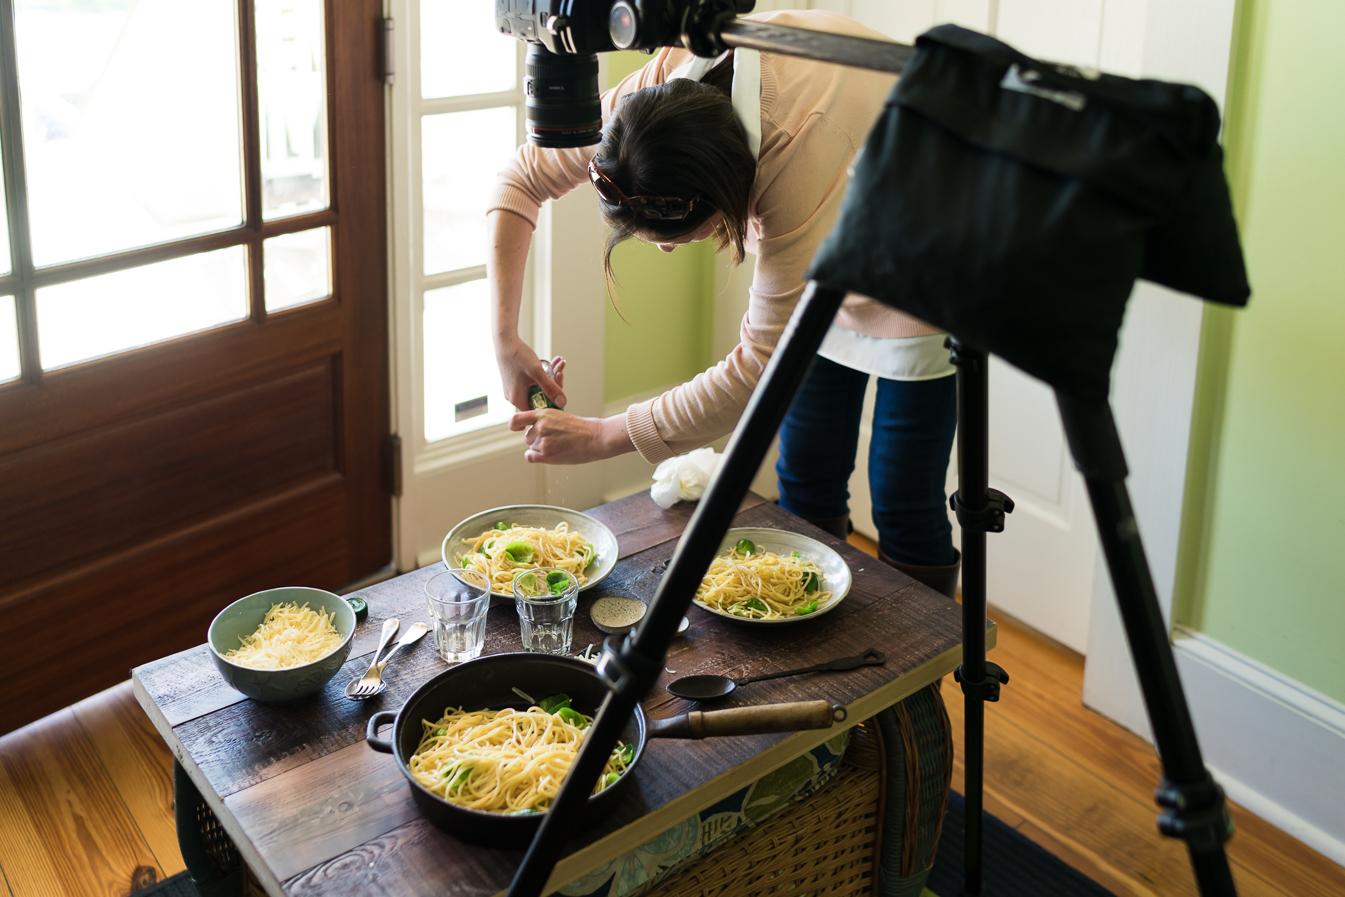 海伦·杜哈丁(Helene Dujardin)美食摄影工作坊